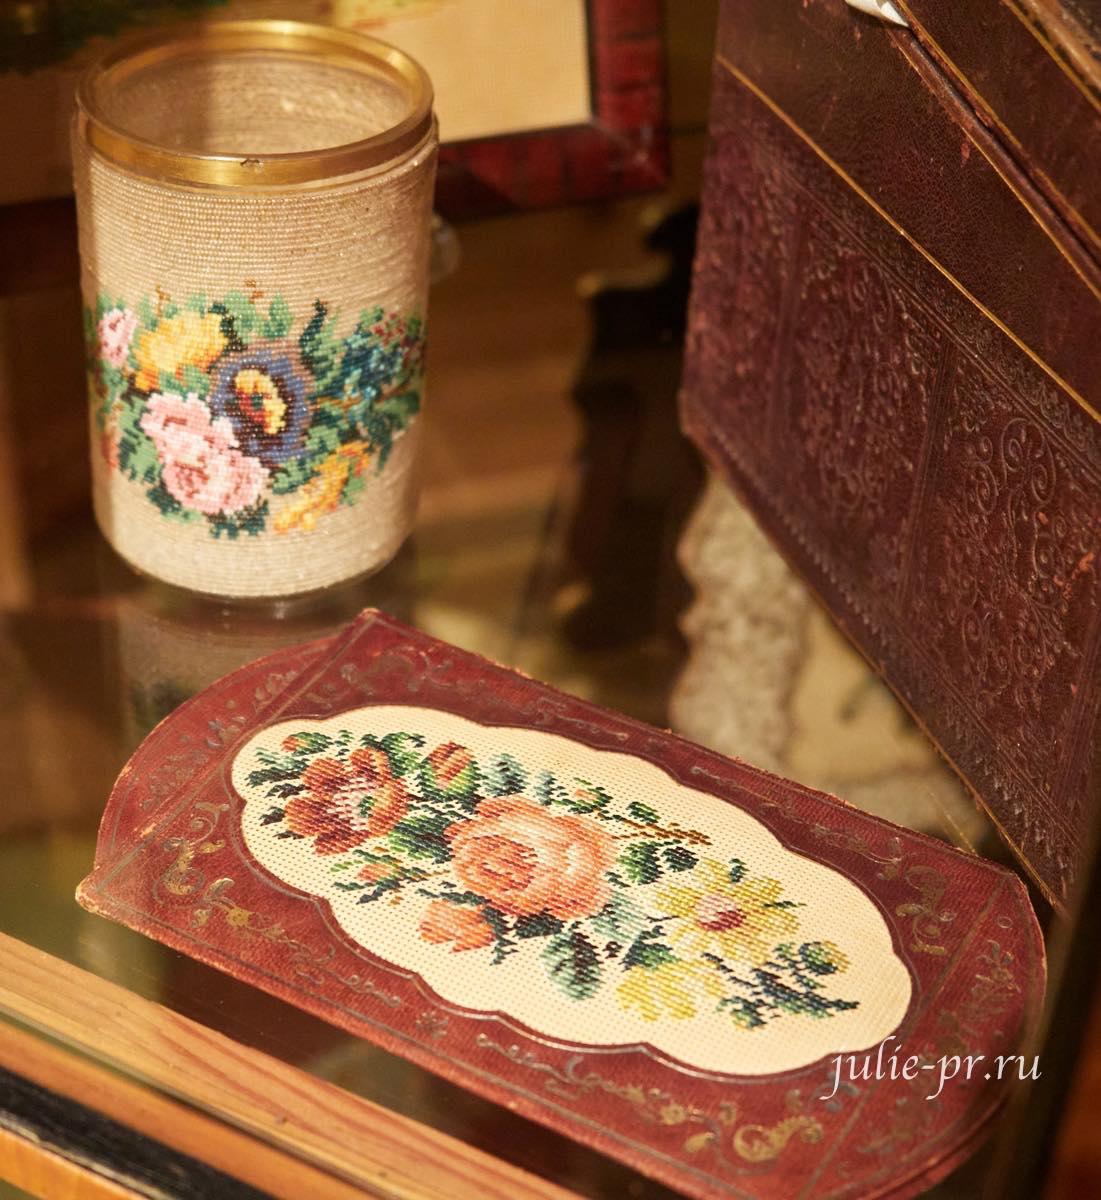 Подстаканник из бисера, футляр для писем, вышивка по перфорированной бумаге, выставка Старинные вышивки